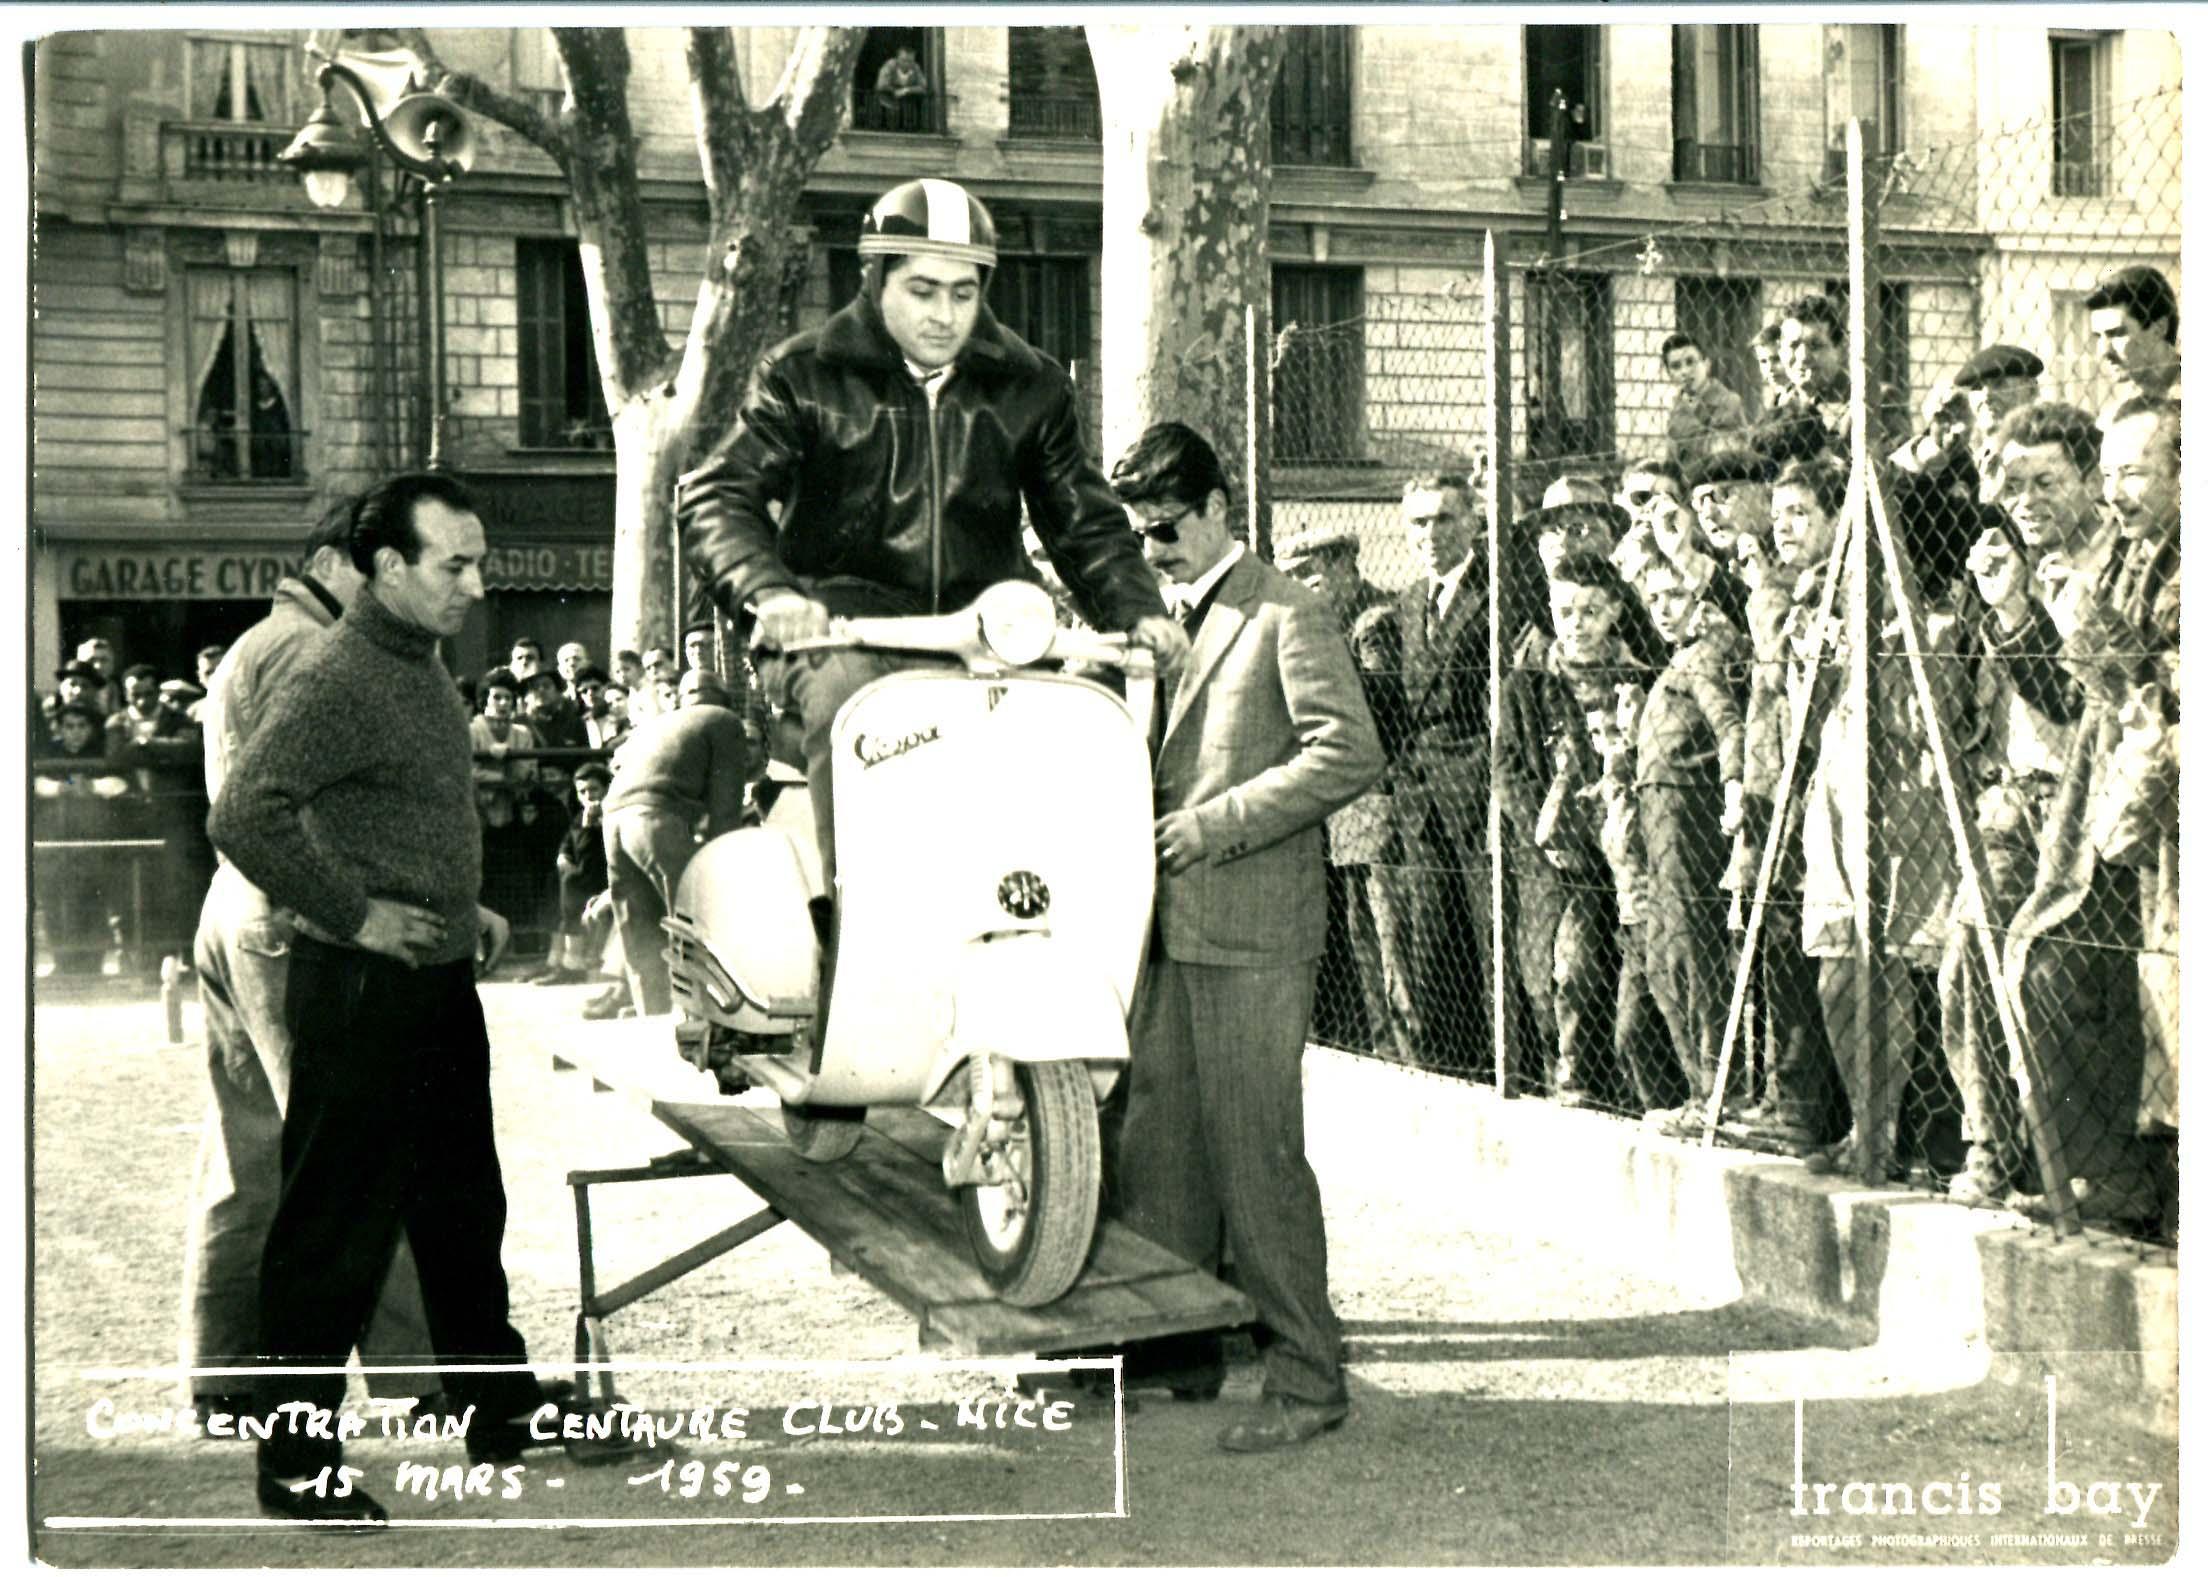 15 Marzo 1959: Grasse (F) - Luciano Cassini partecipa al raduno organizzato dal